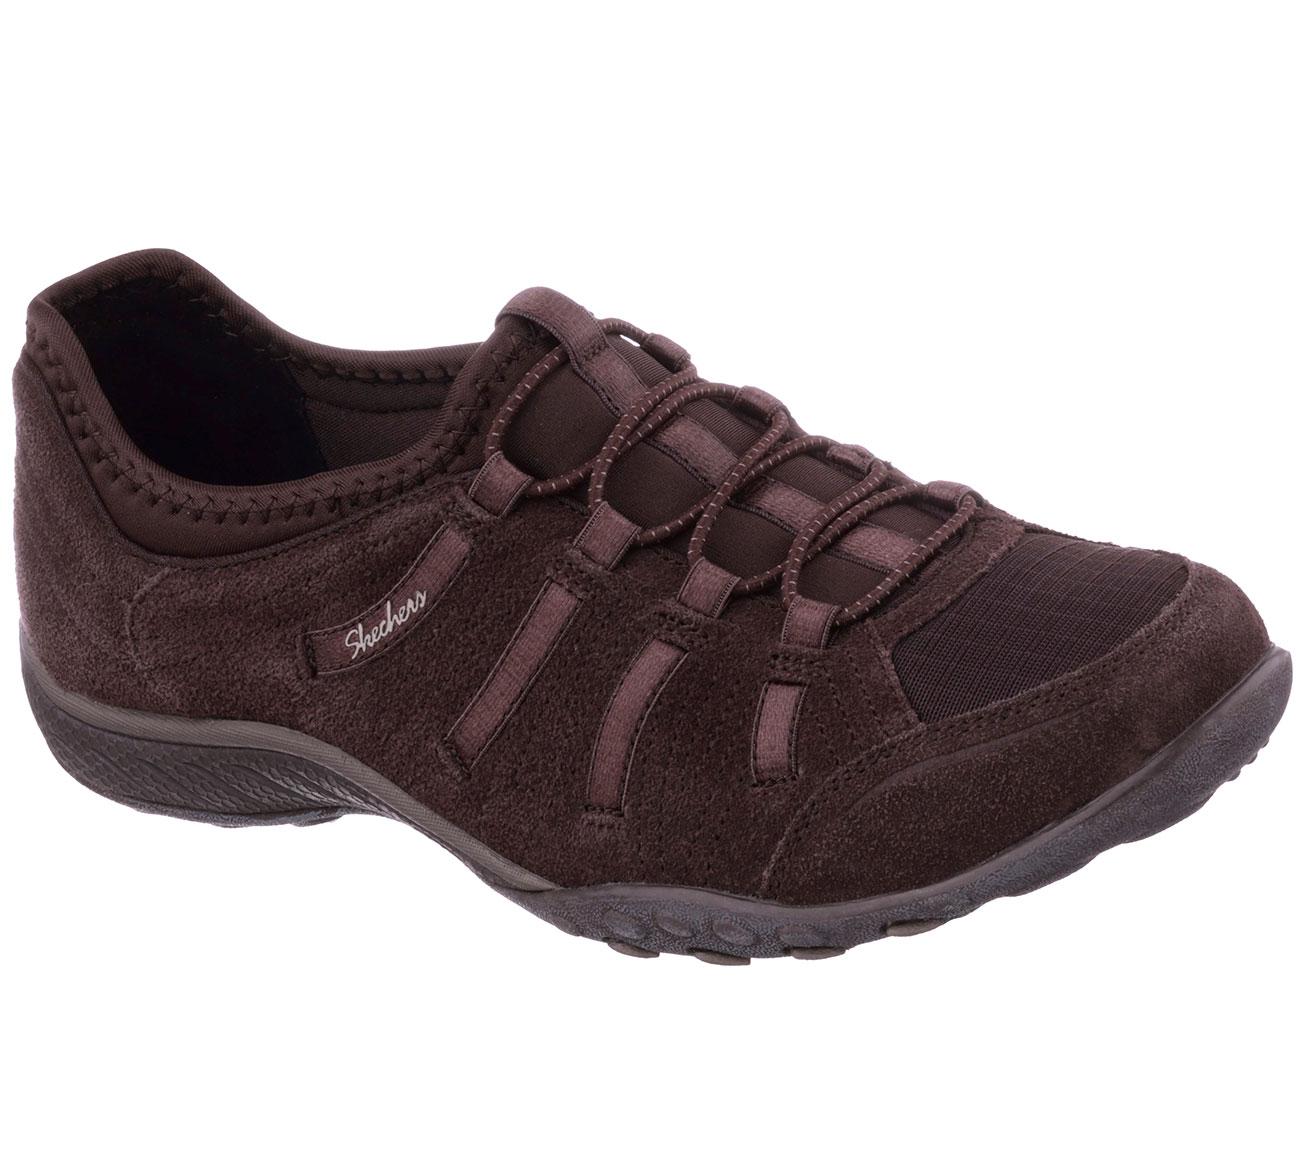 Shoes Like Skechers Sport Women S Breathe Easy